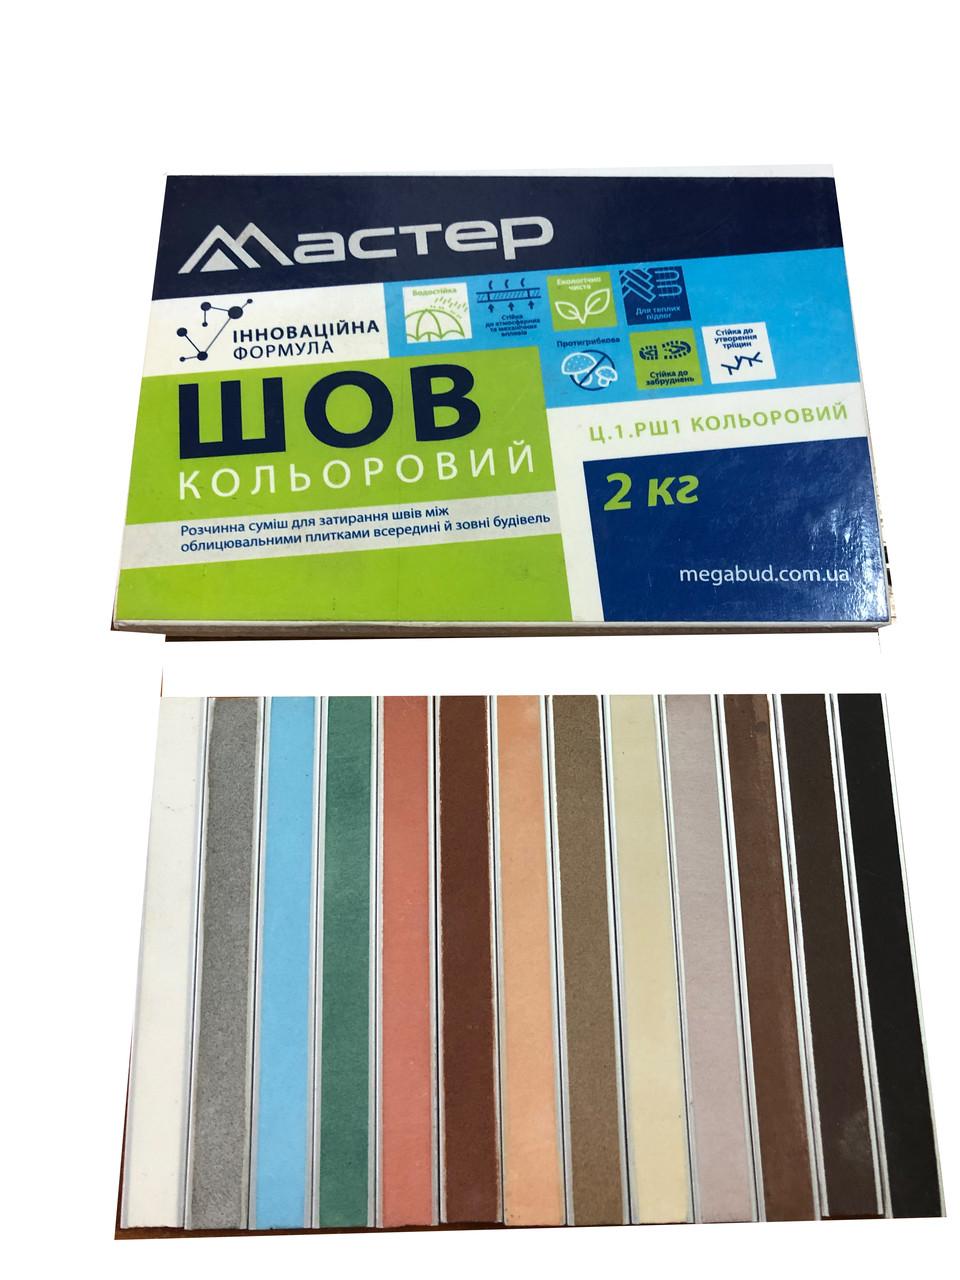 """Шов цветной (фуга) """"МАСТЕР-шов"""" ореховый, коричневый (темно-коричневый), 2 кг"""